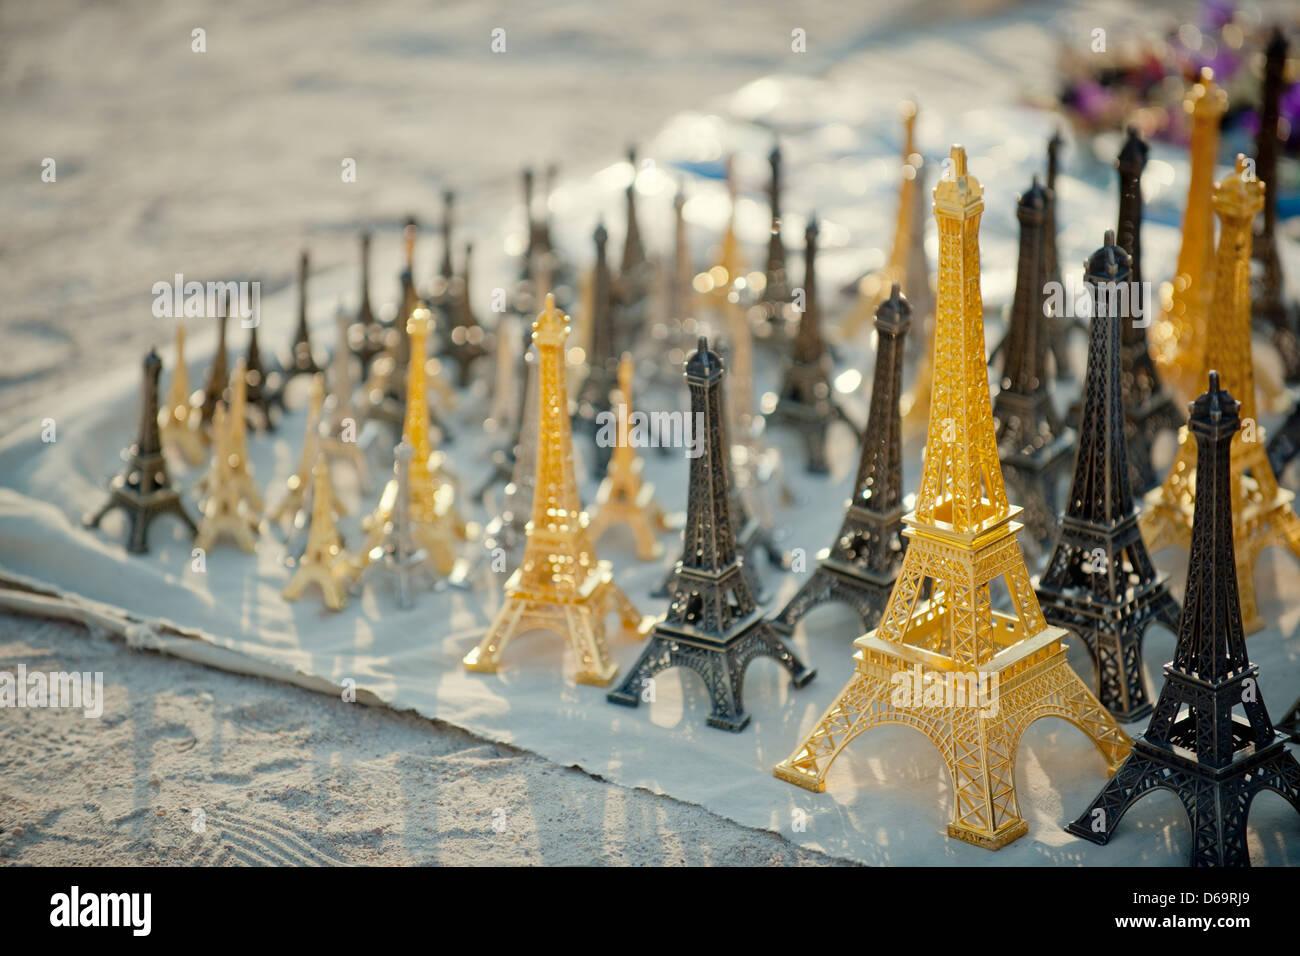 Torre Eiffel repliche in vendita Immagini Stock